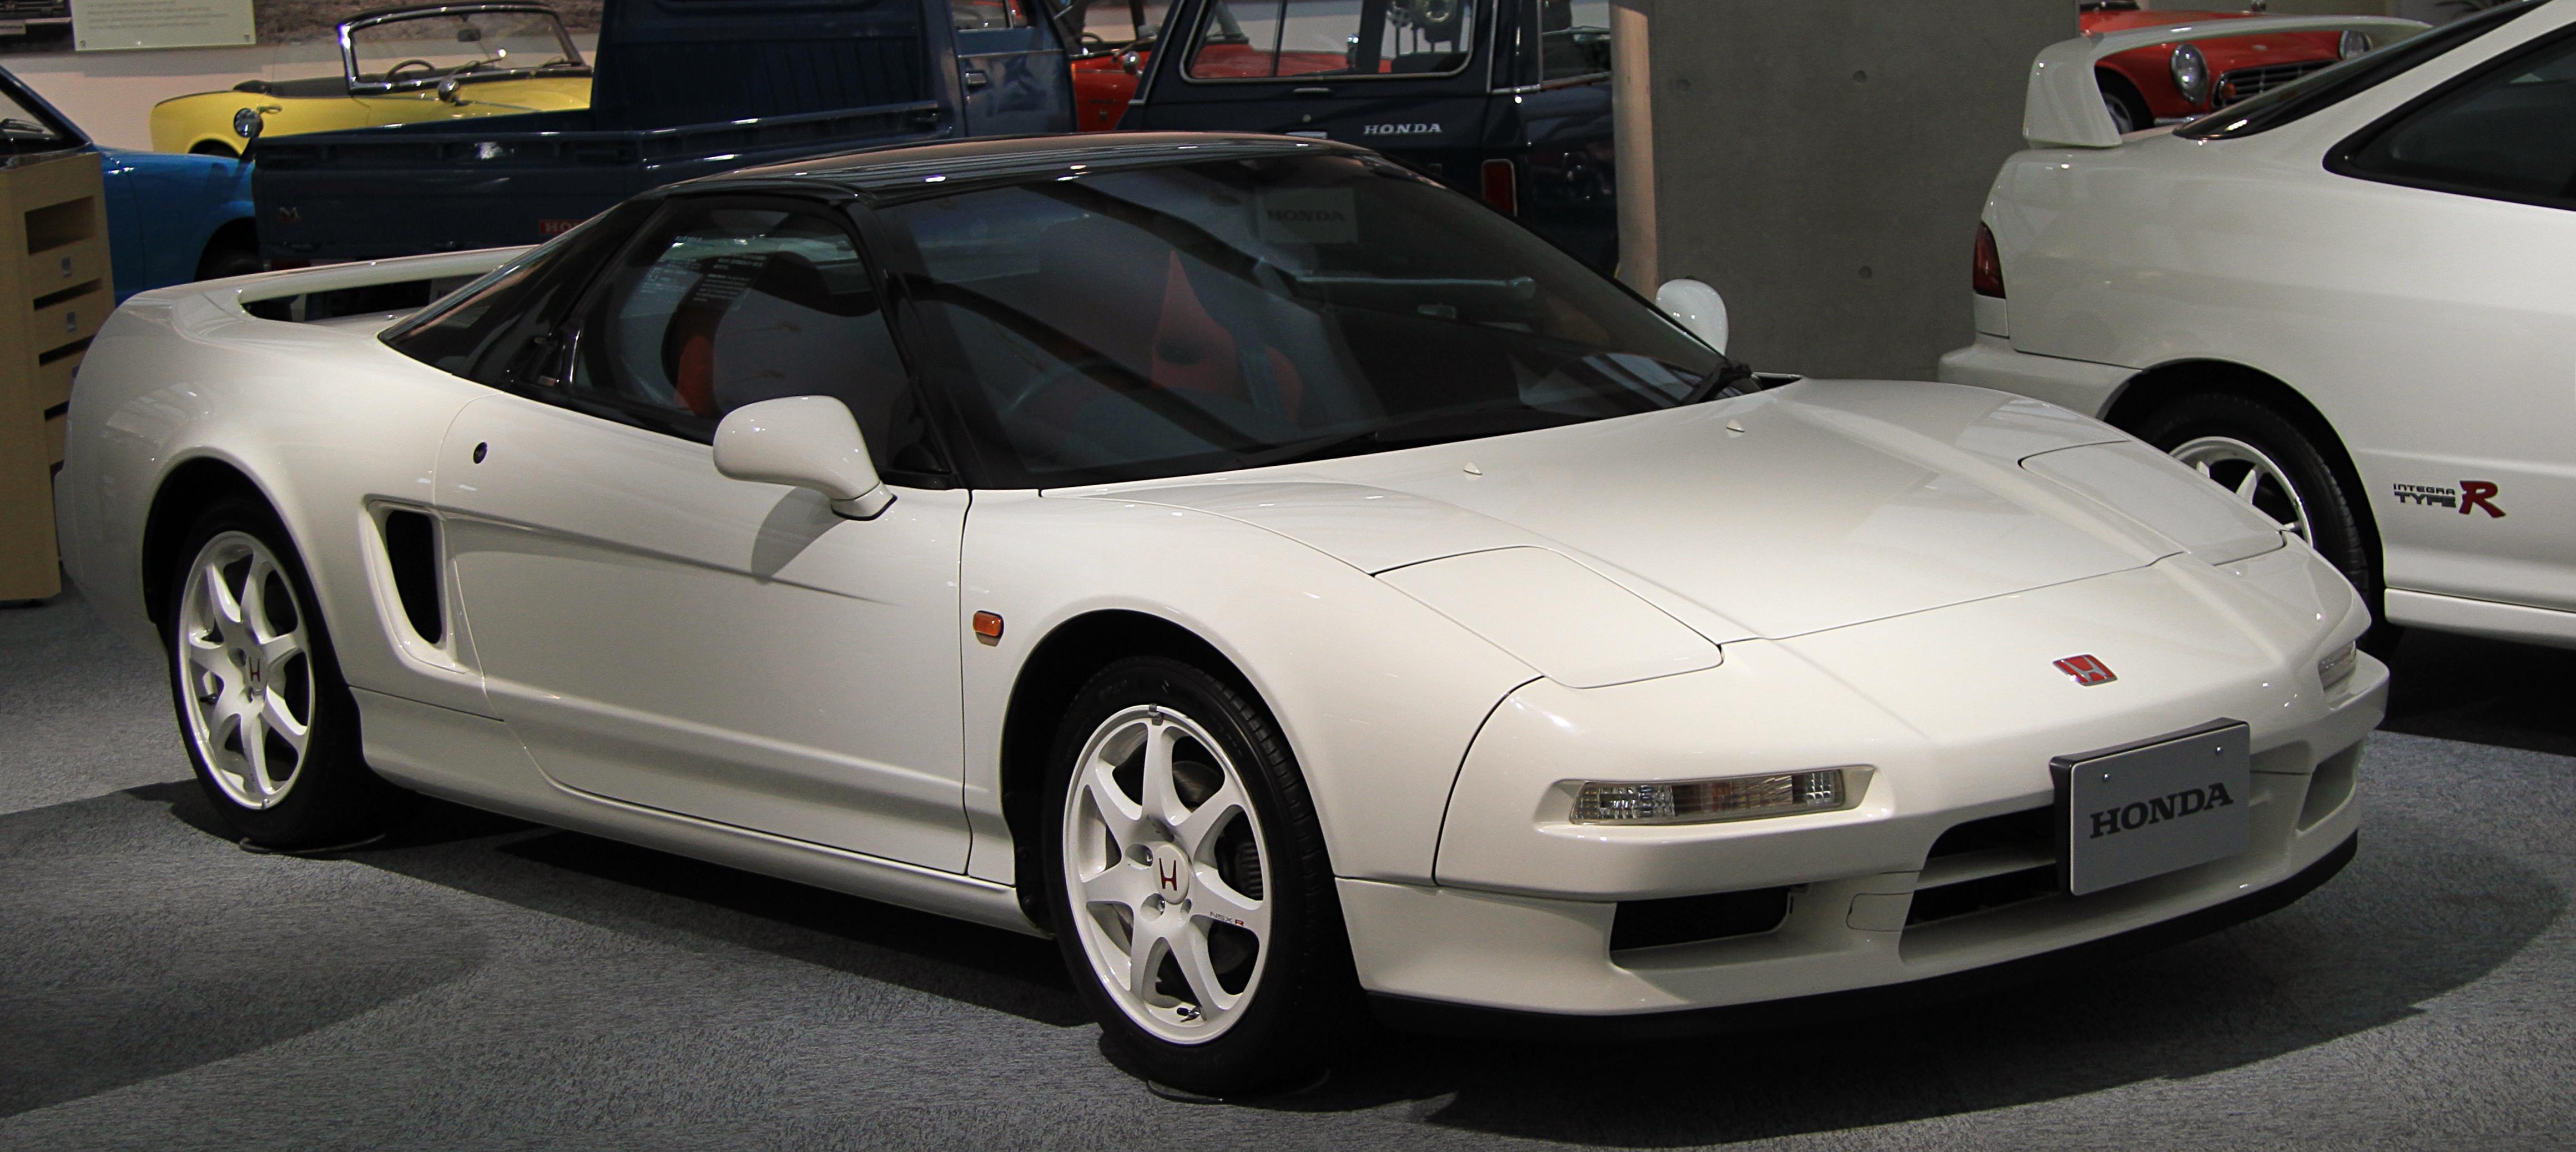 Honda NSX- type-R 1992